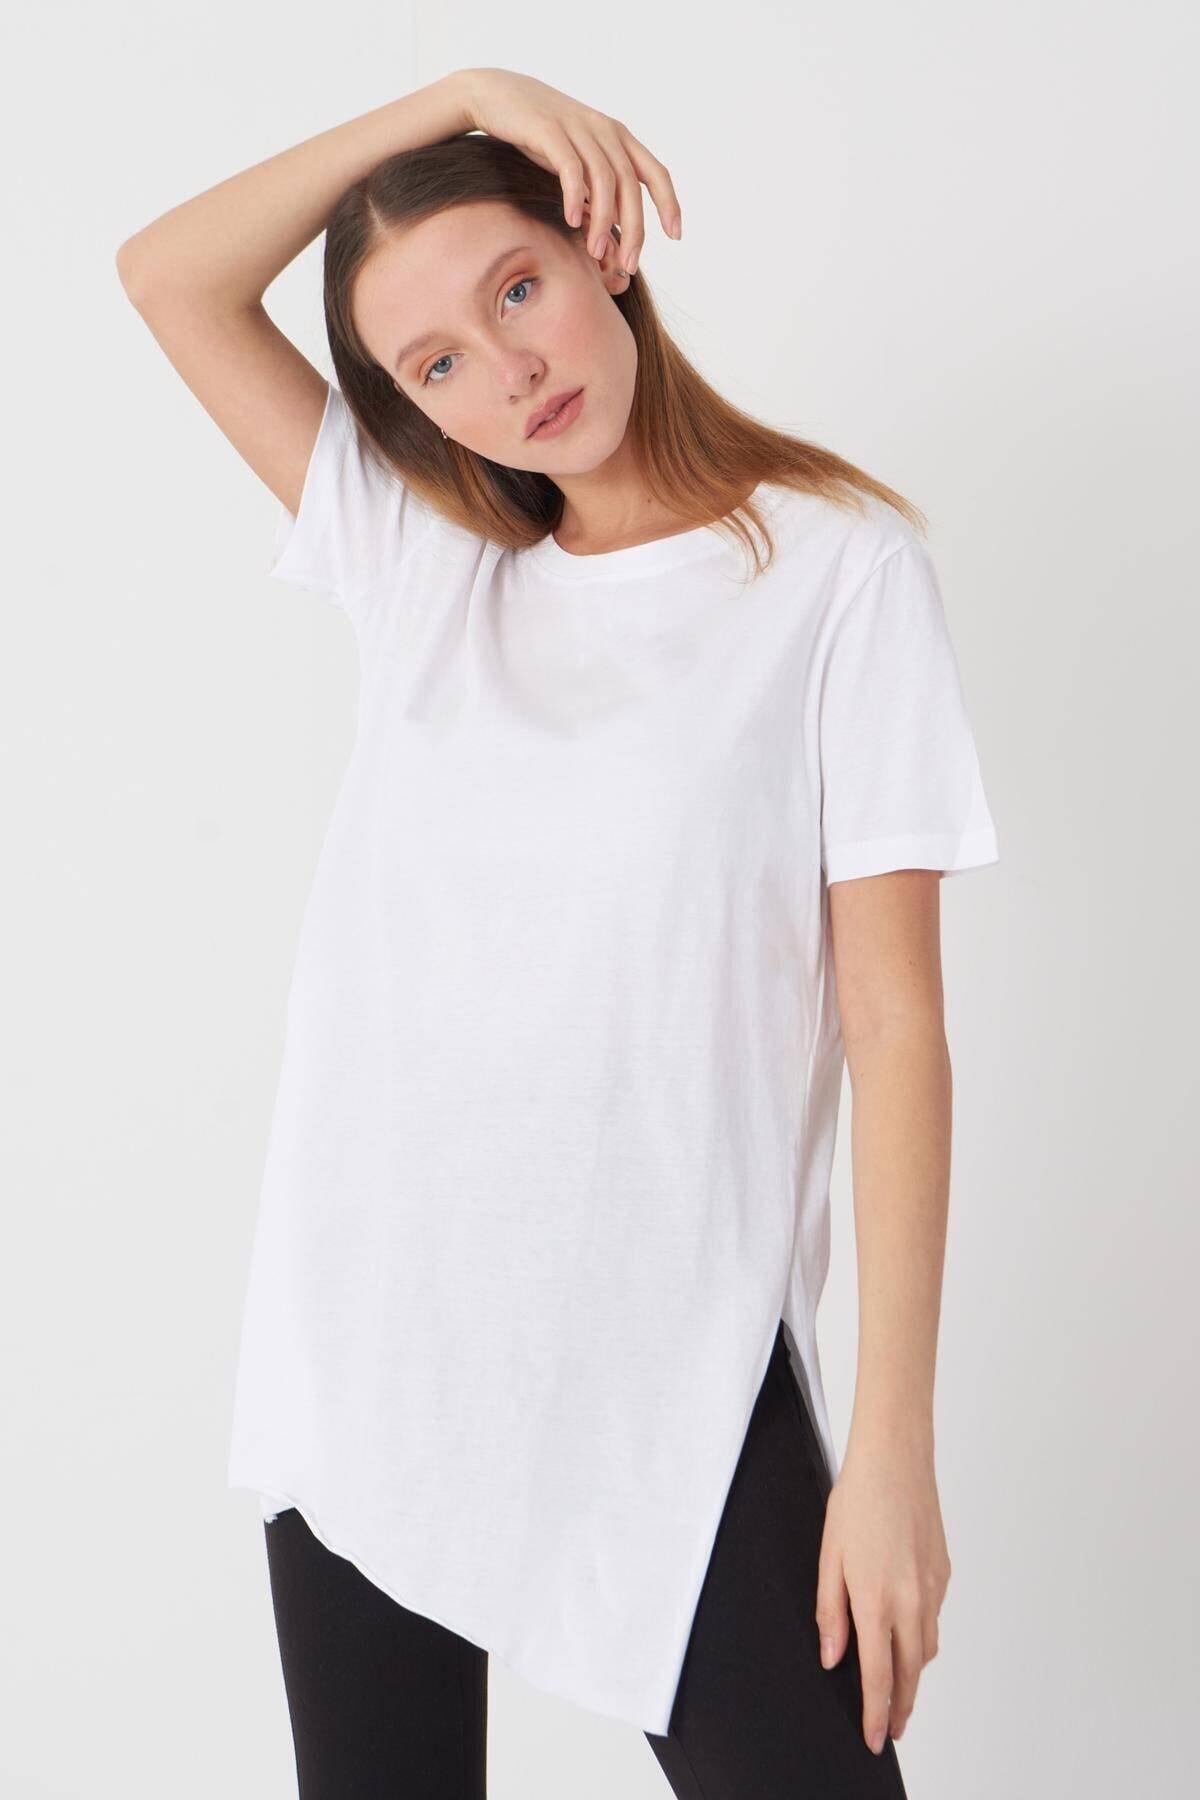 Addax Kadın Beyaz Bisiklet Yaka T-Shirt P0101 - U4 - Z1 Adx-00007204 0